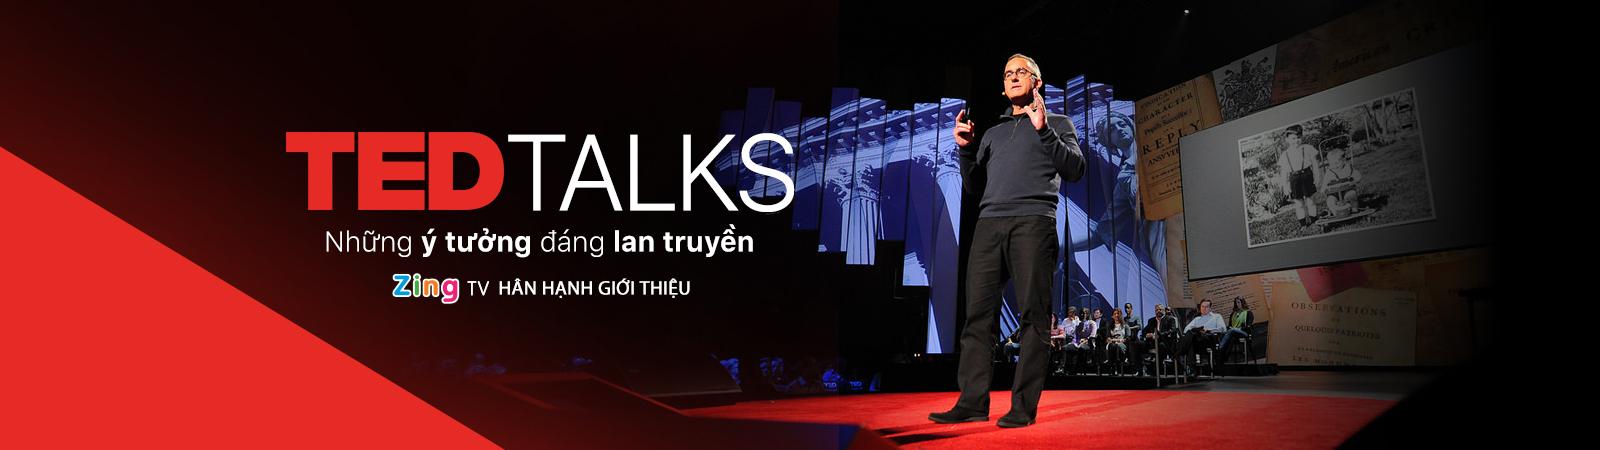 TED Talks: Những Điều Bạn Lầm Tưởng